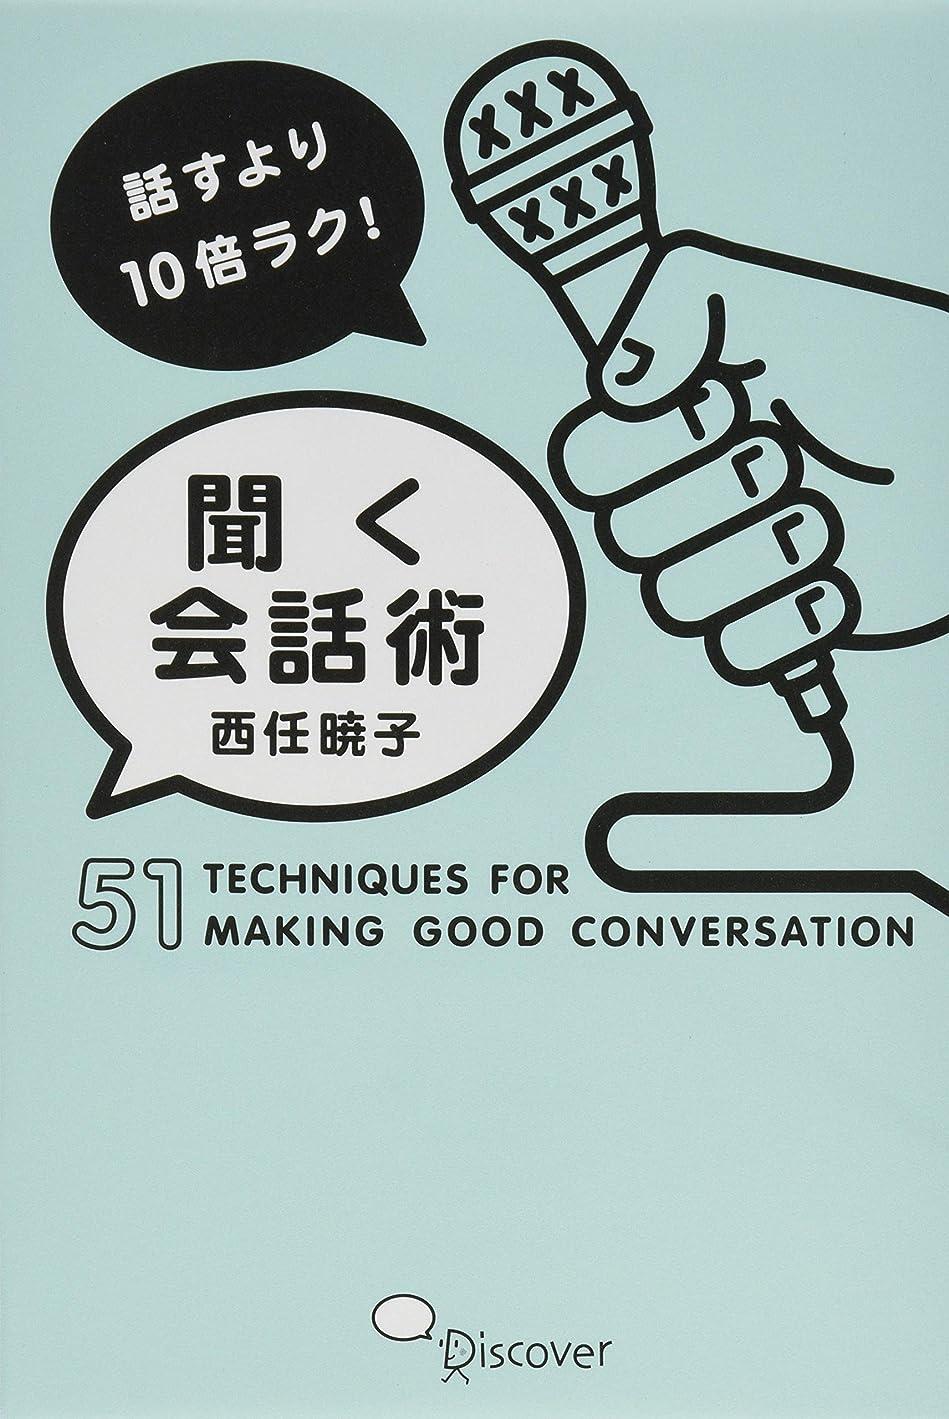 フィードオン経済環境保護主義者話すより10倍ラク!  聞く会話術